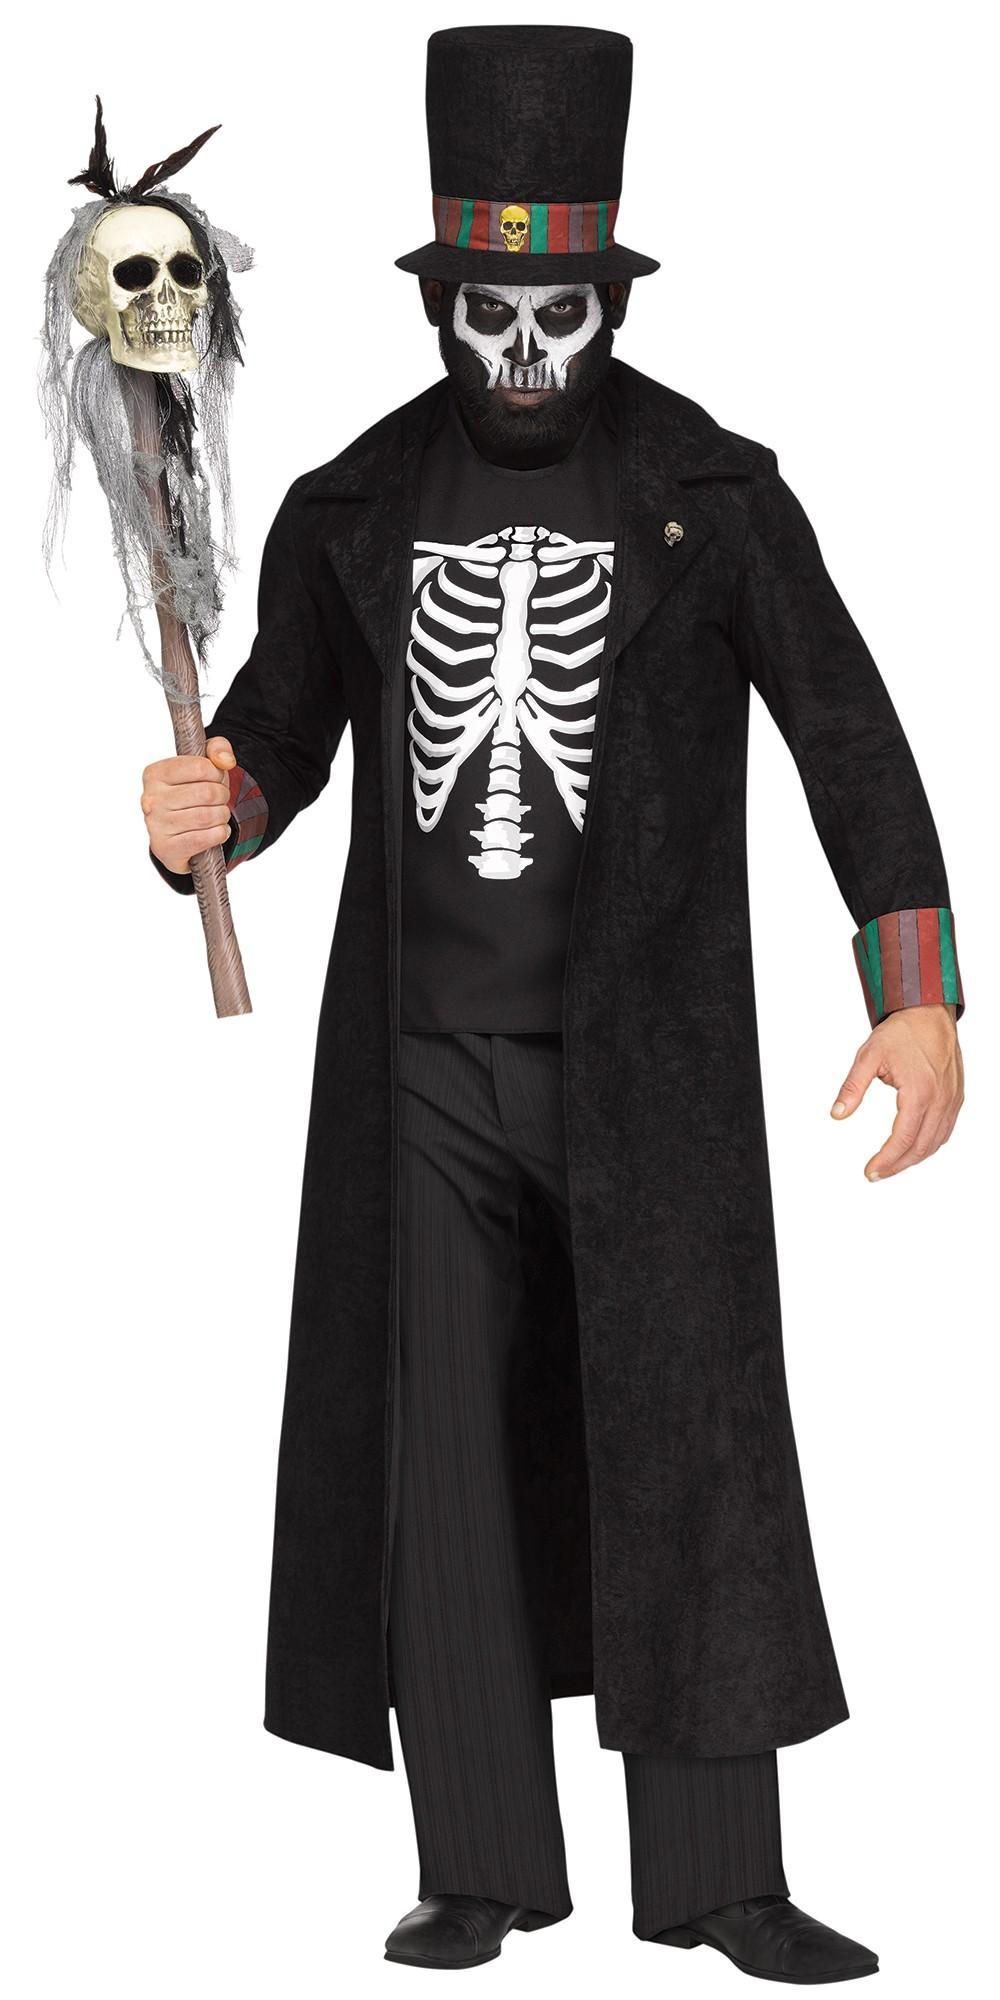 de165b2b900 Witch Doctor Costumes Adults & Wish | Fashion Women Girls Halloween ...